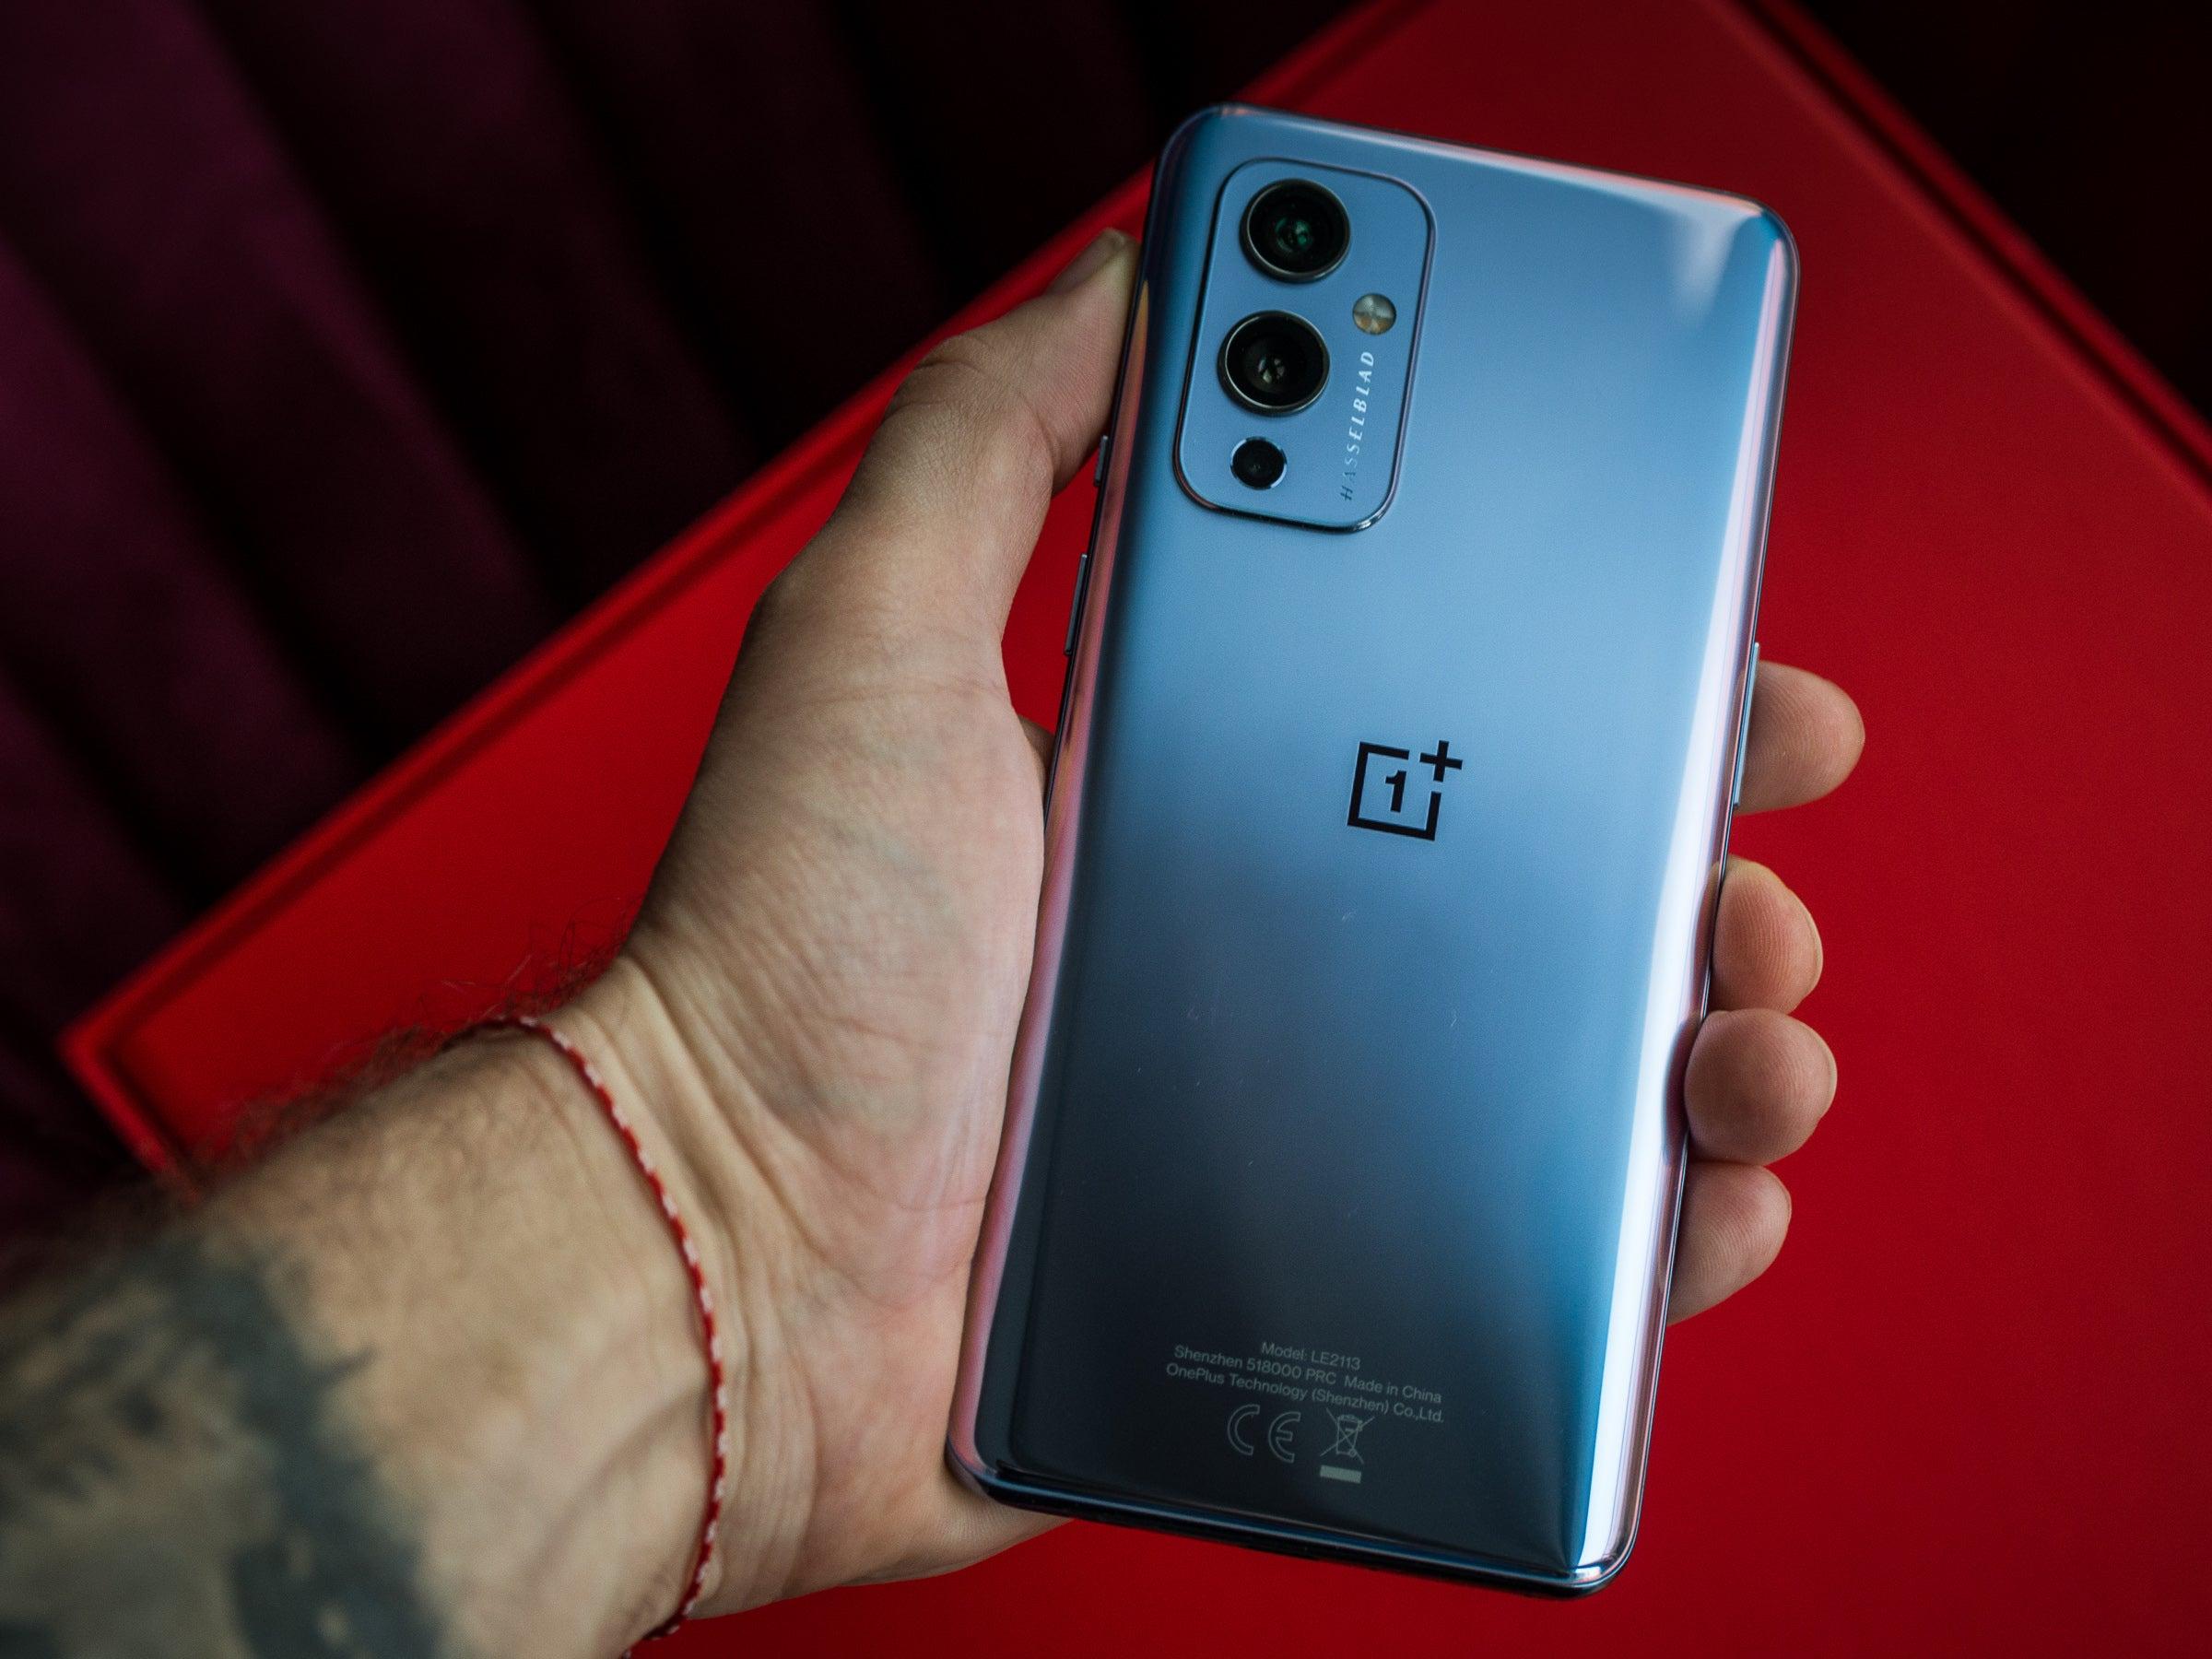 Eine der Farben des neuen OnePlus-Smartphones